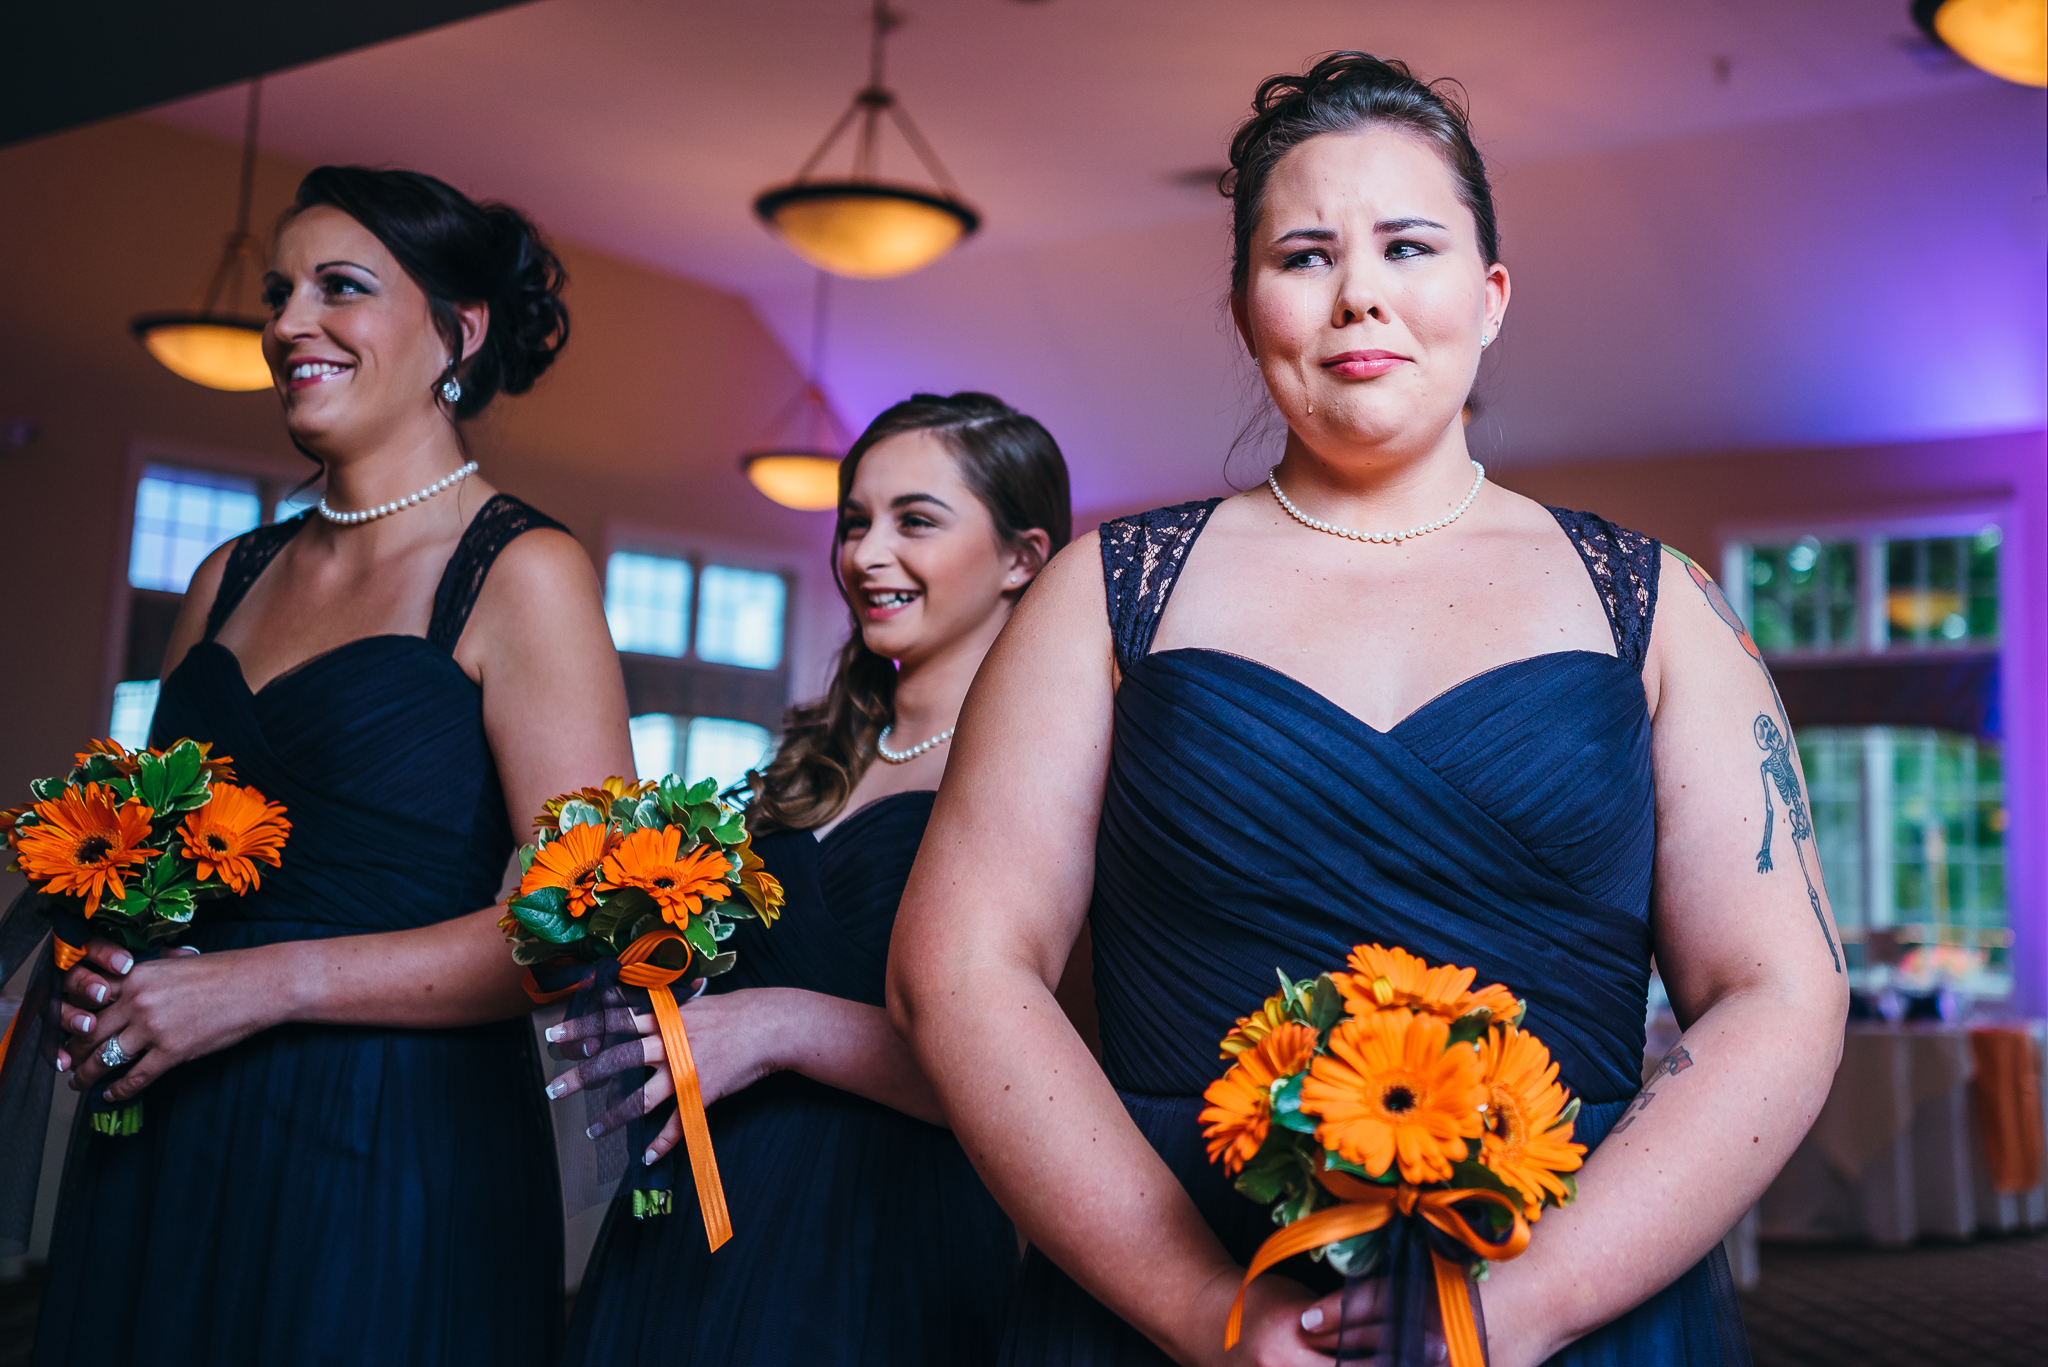 Flourtown_Country_Club_Wedding_NW-0019.jpg